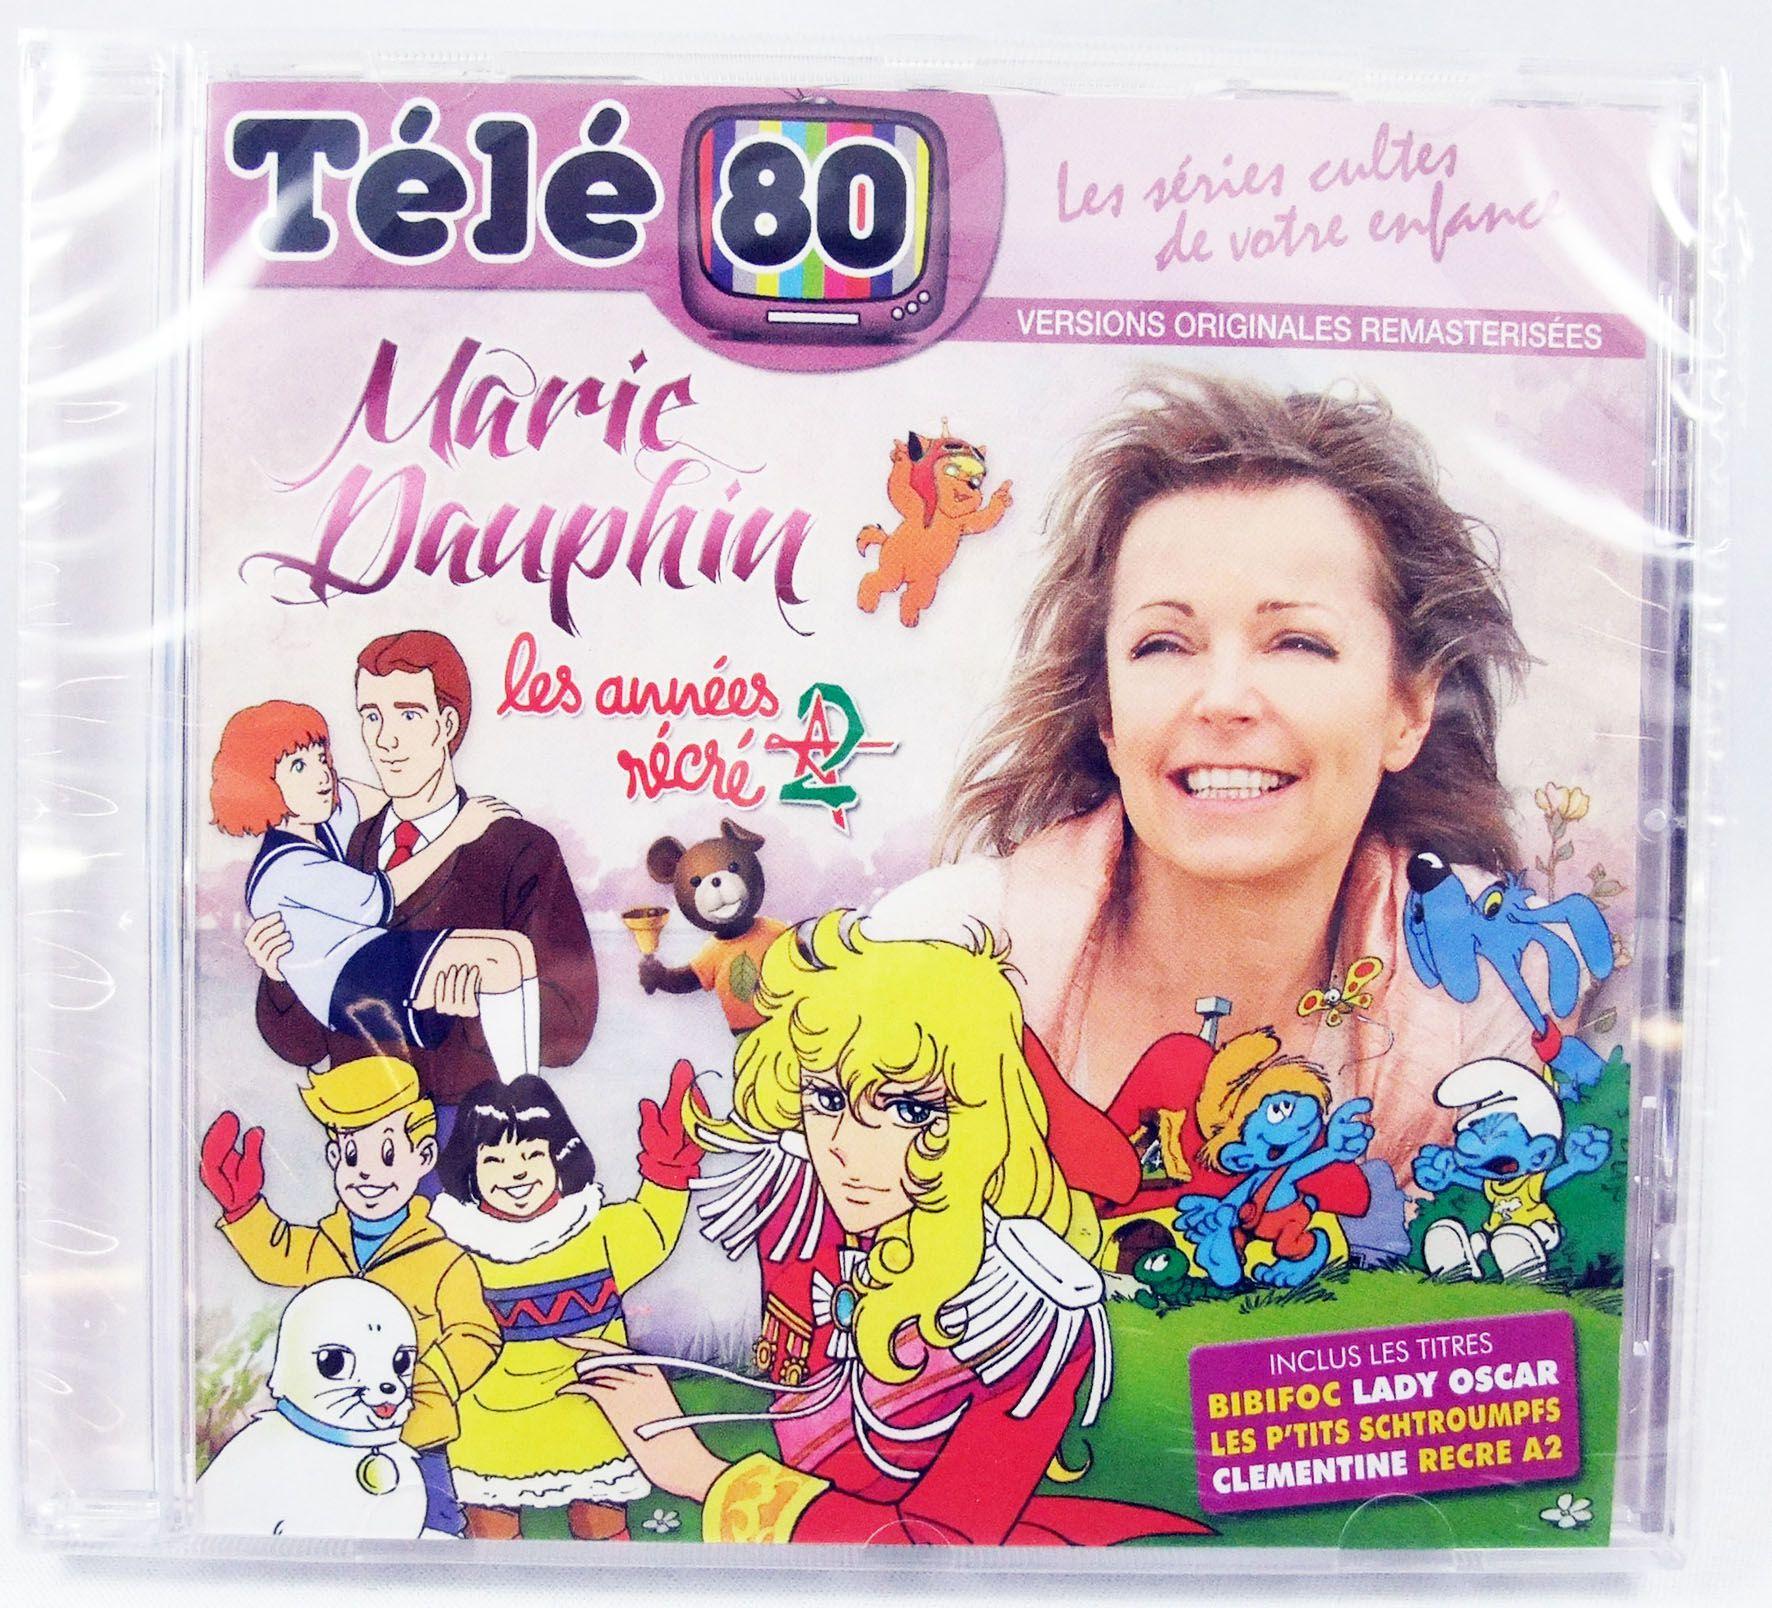 Marie Dauphin : Les Années Récré A2 - CD audio Télé 80 - Génériques en versions originales remasterisées